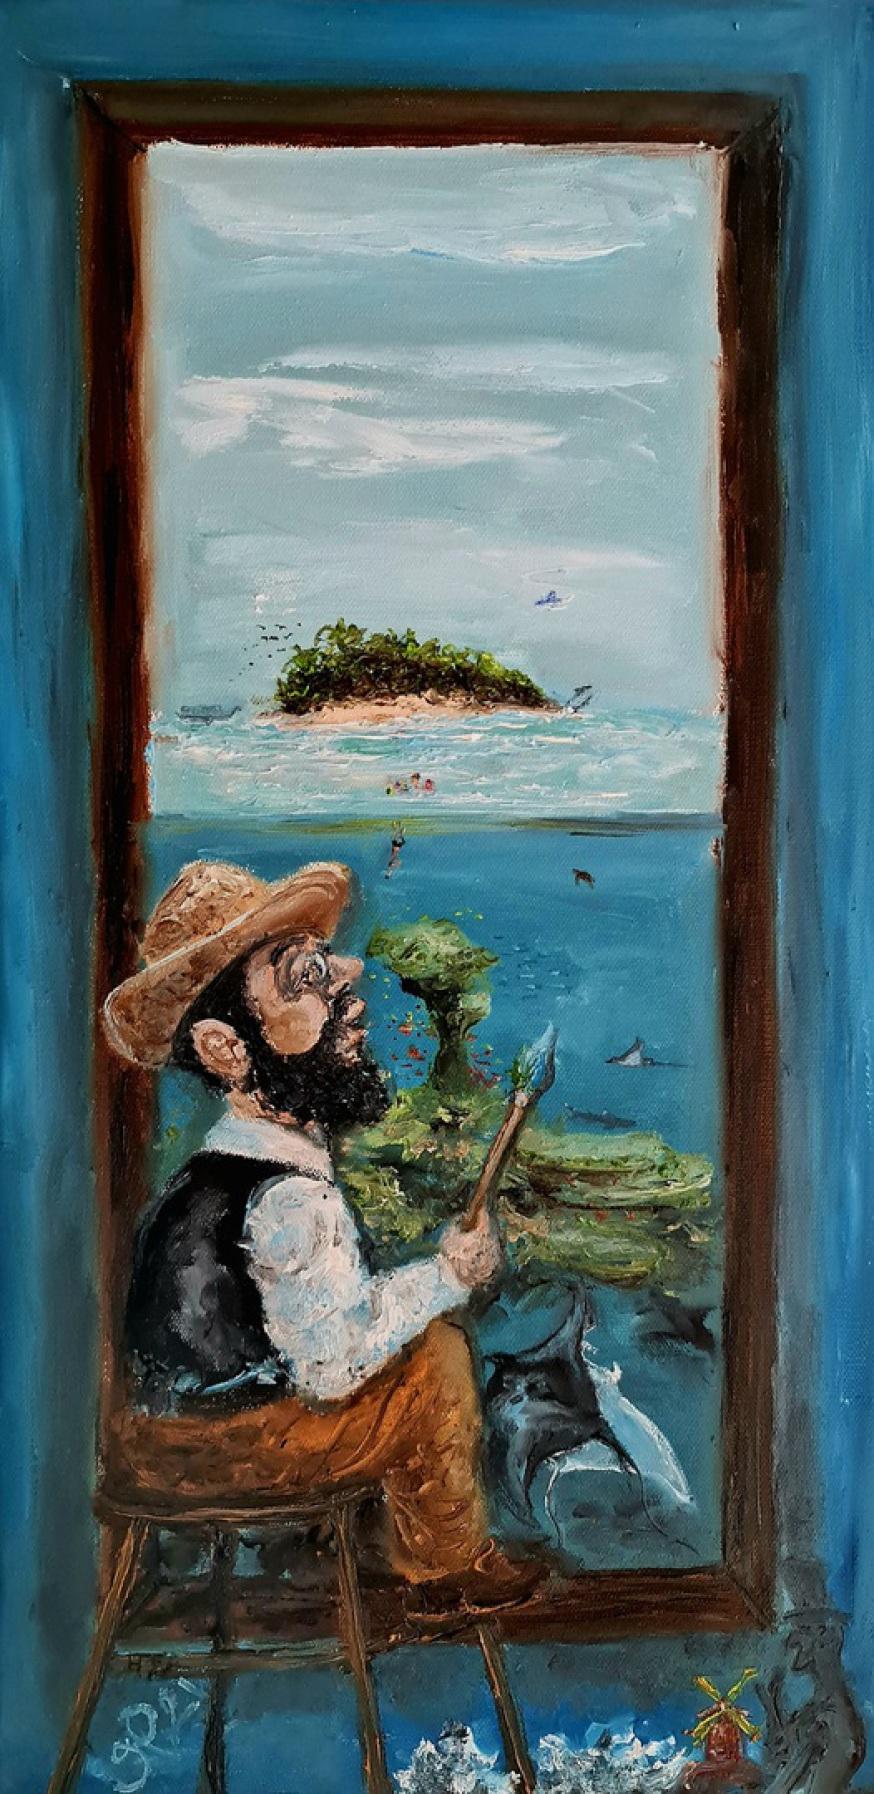 Toulouse-Lautrec, Moulin Rouge, Reef, Oceans, Maldives